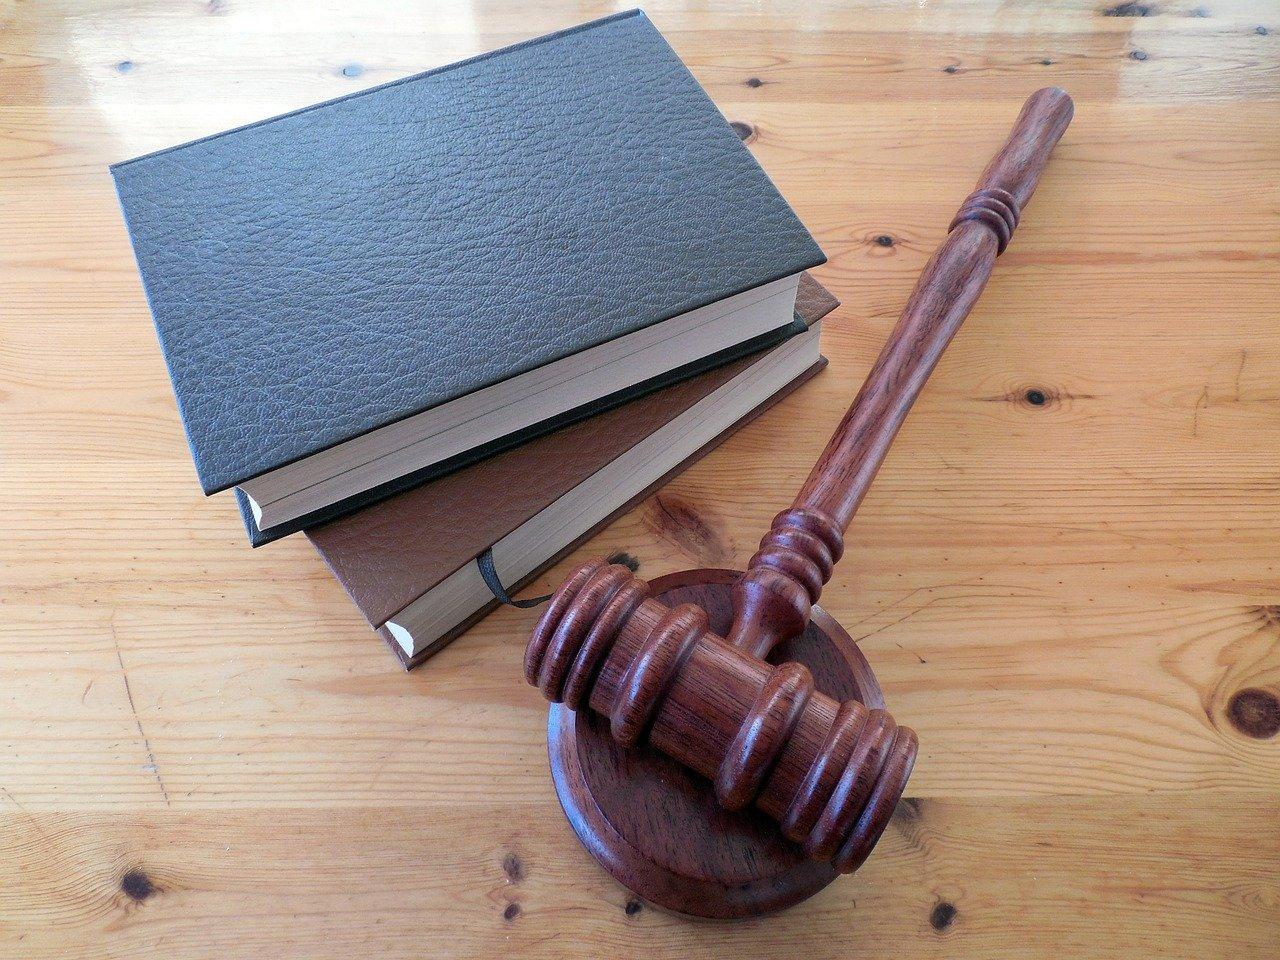 裁判官の木づちと法律書